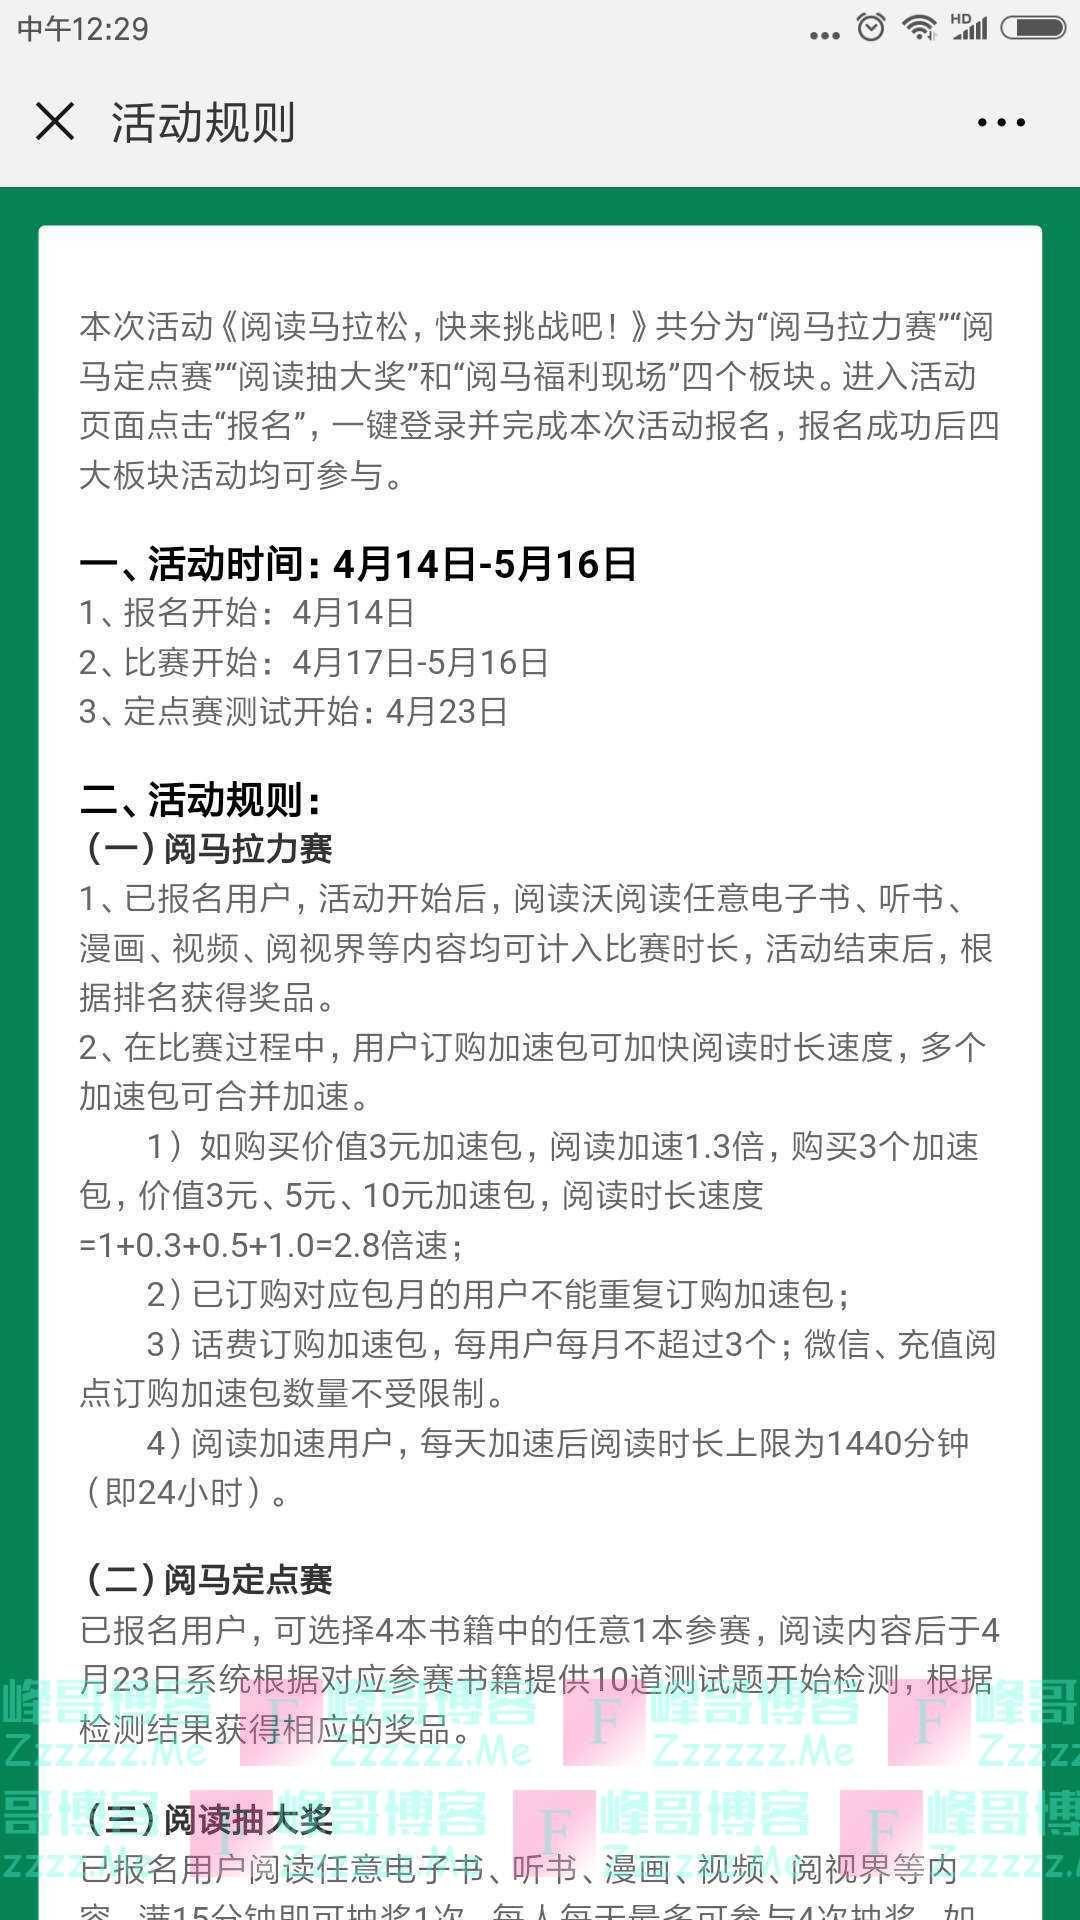 中国联通客服世界读书日 阅读马拉松(截止5月16日)